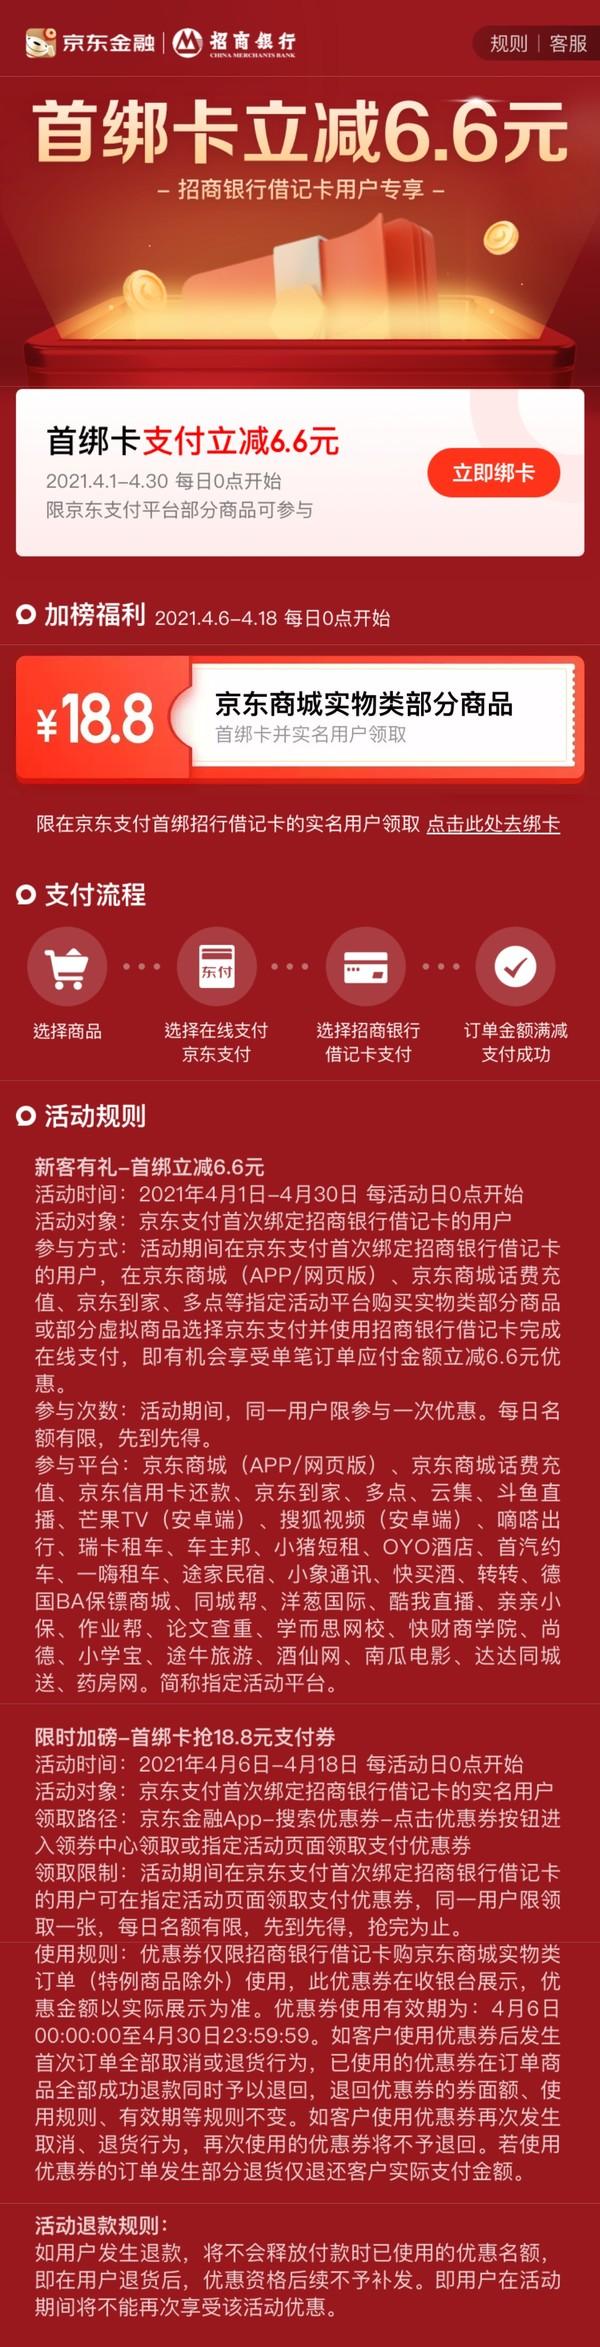 招商银行 X 京东 4月借记卡首绑福利